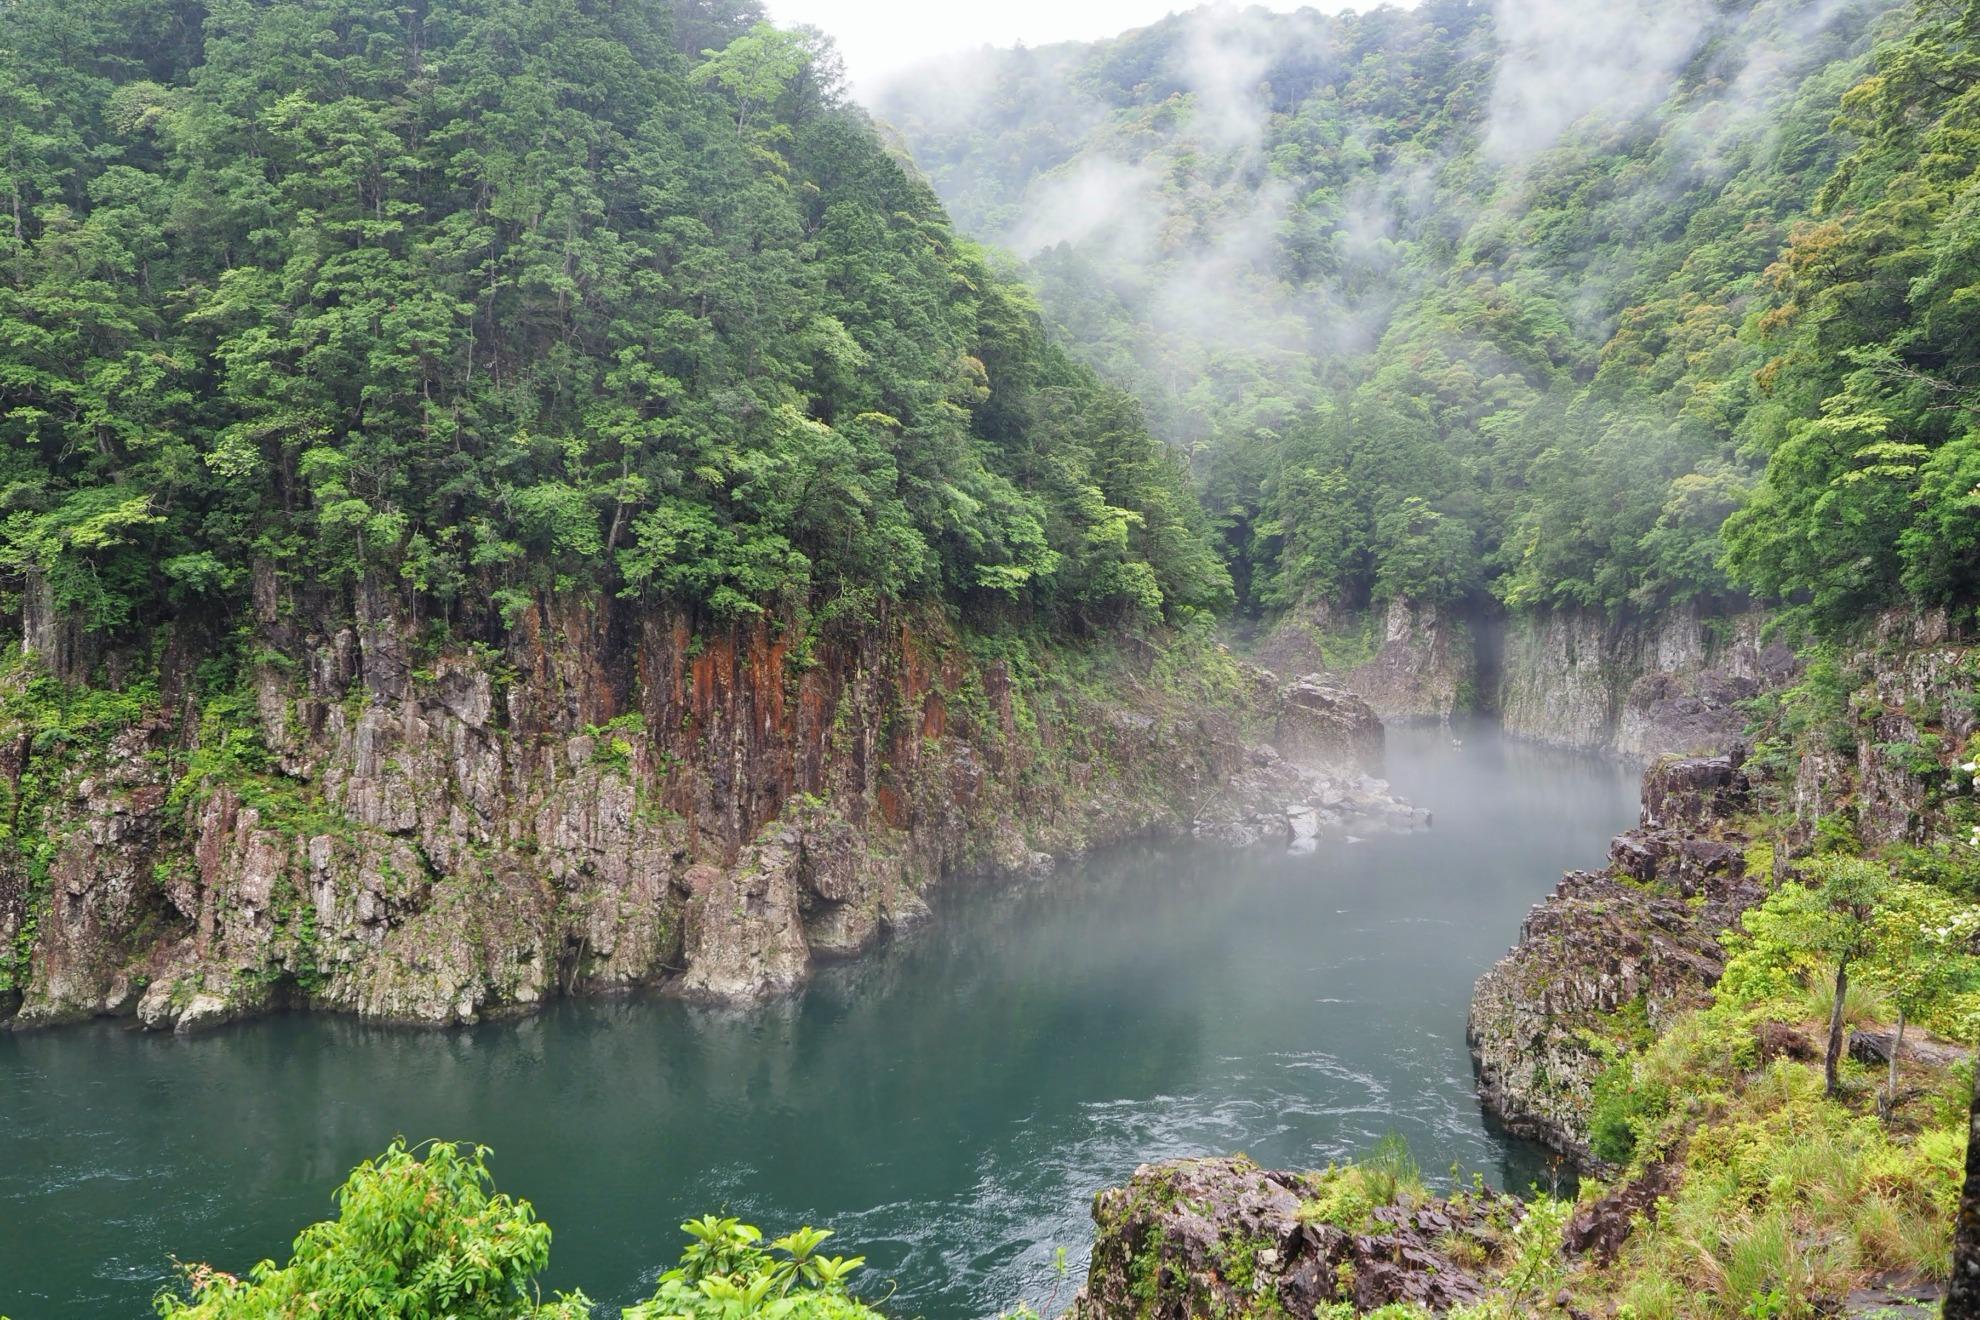 霧のかかる瀞峡